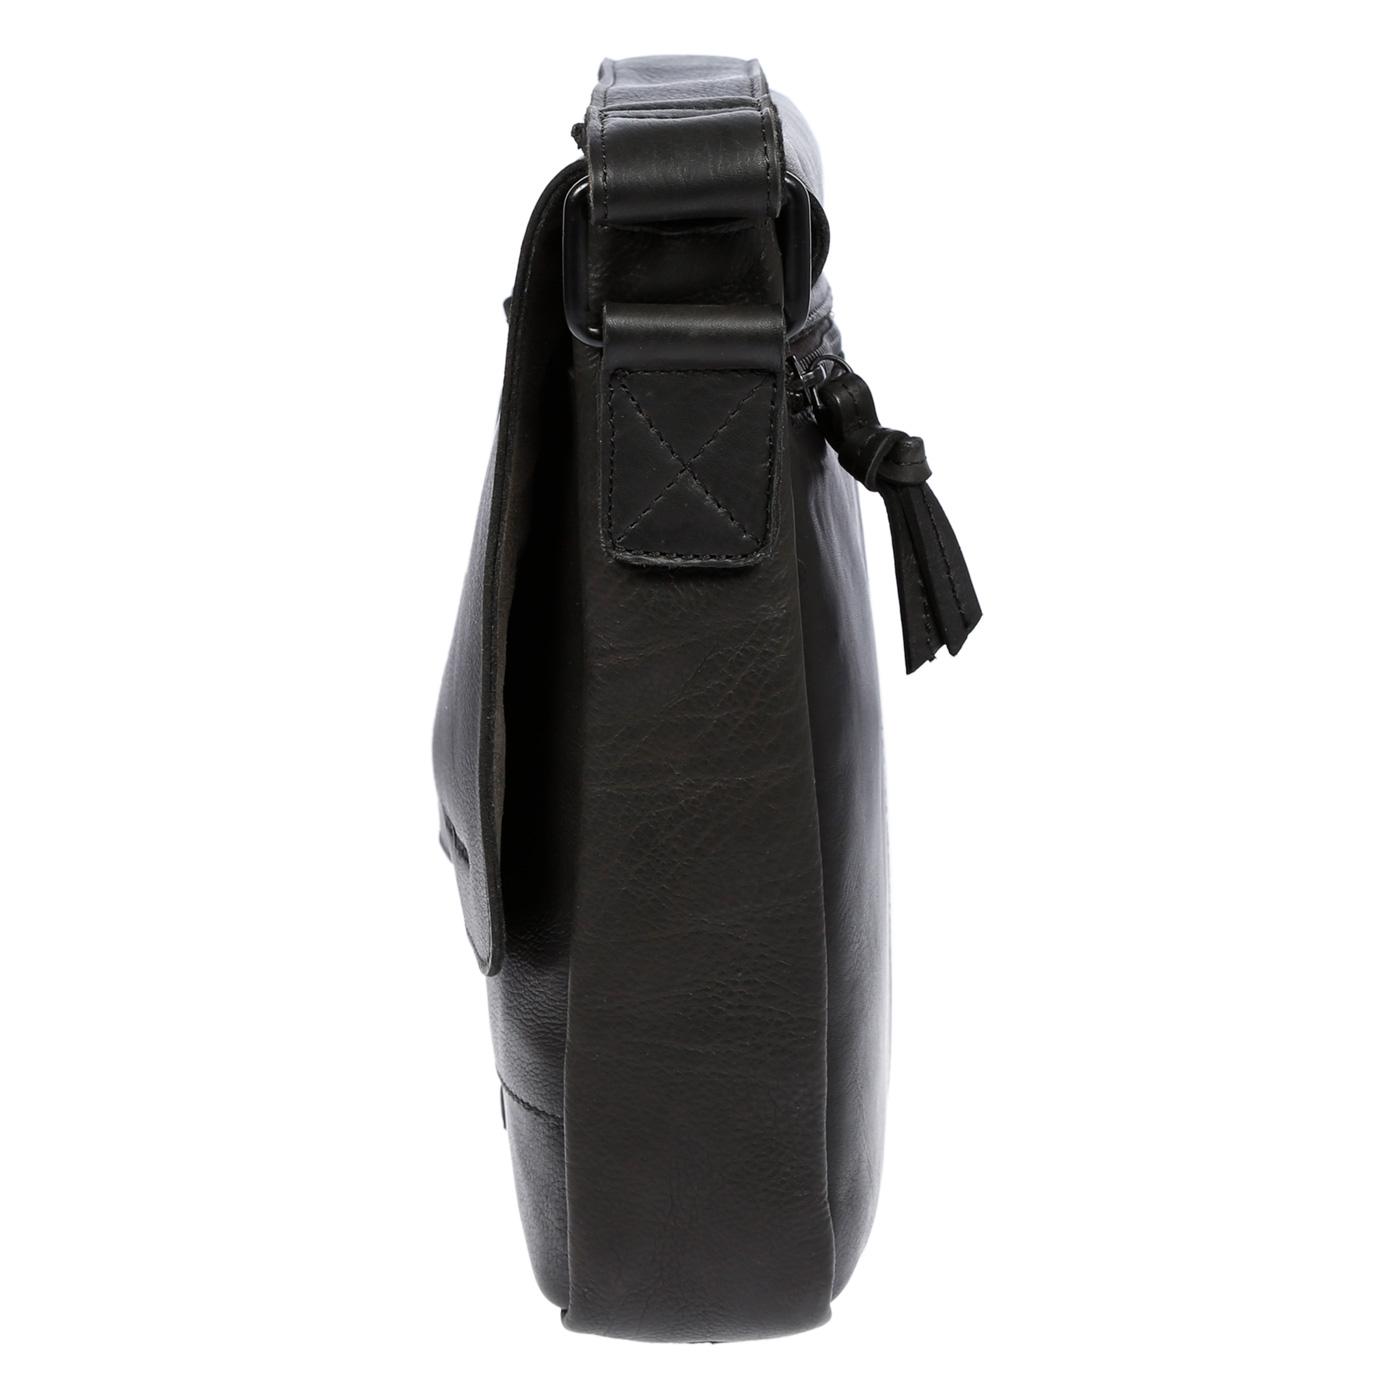 Echt-Leder-Herren-Damen-Umhaengetasche-Tasche-RFID-Schutz-Schultertasche-Umhaenger Indexbild 16